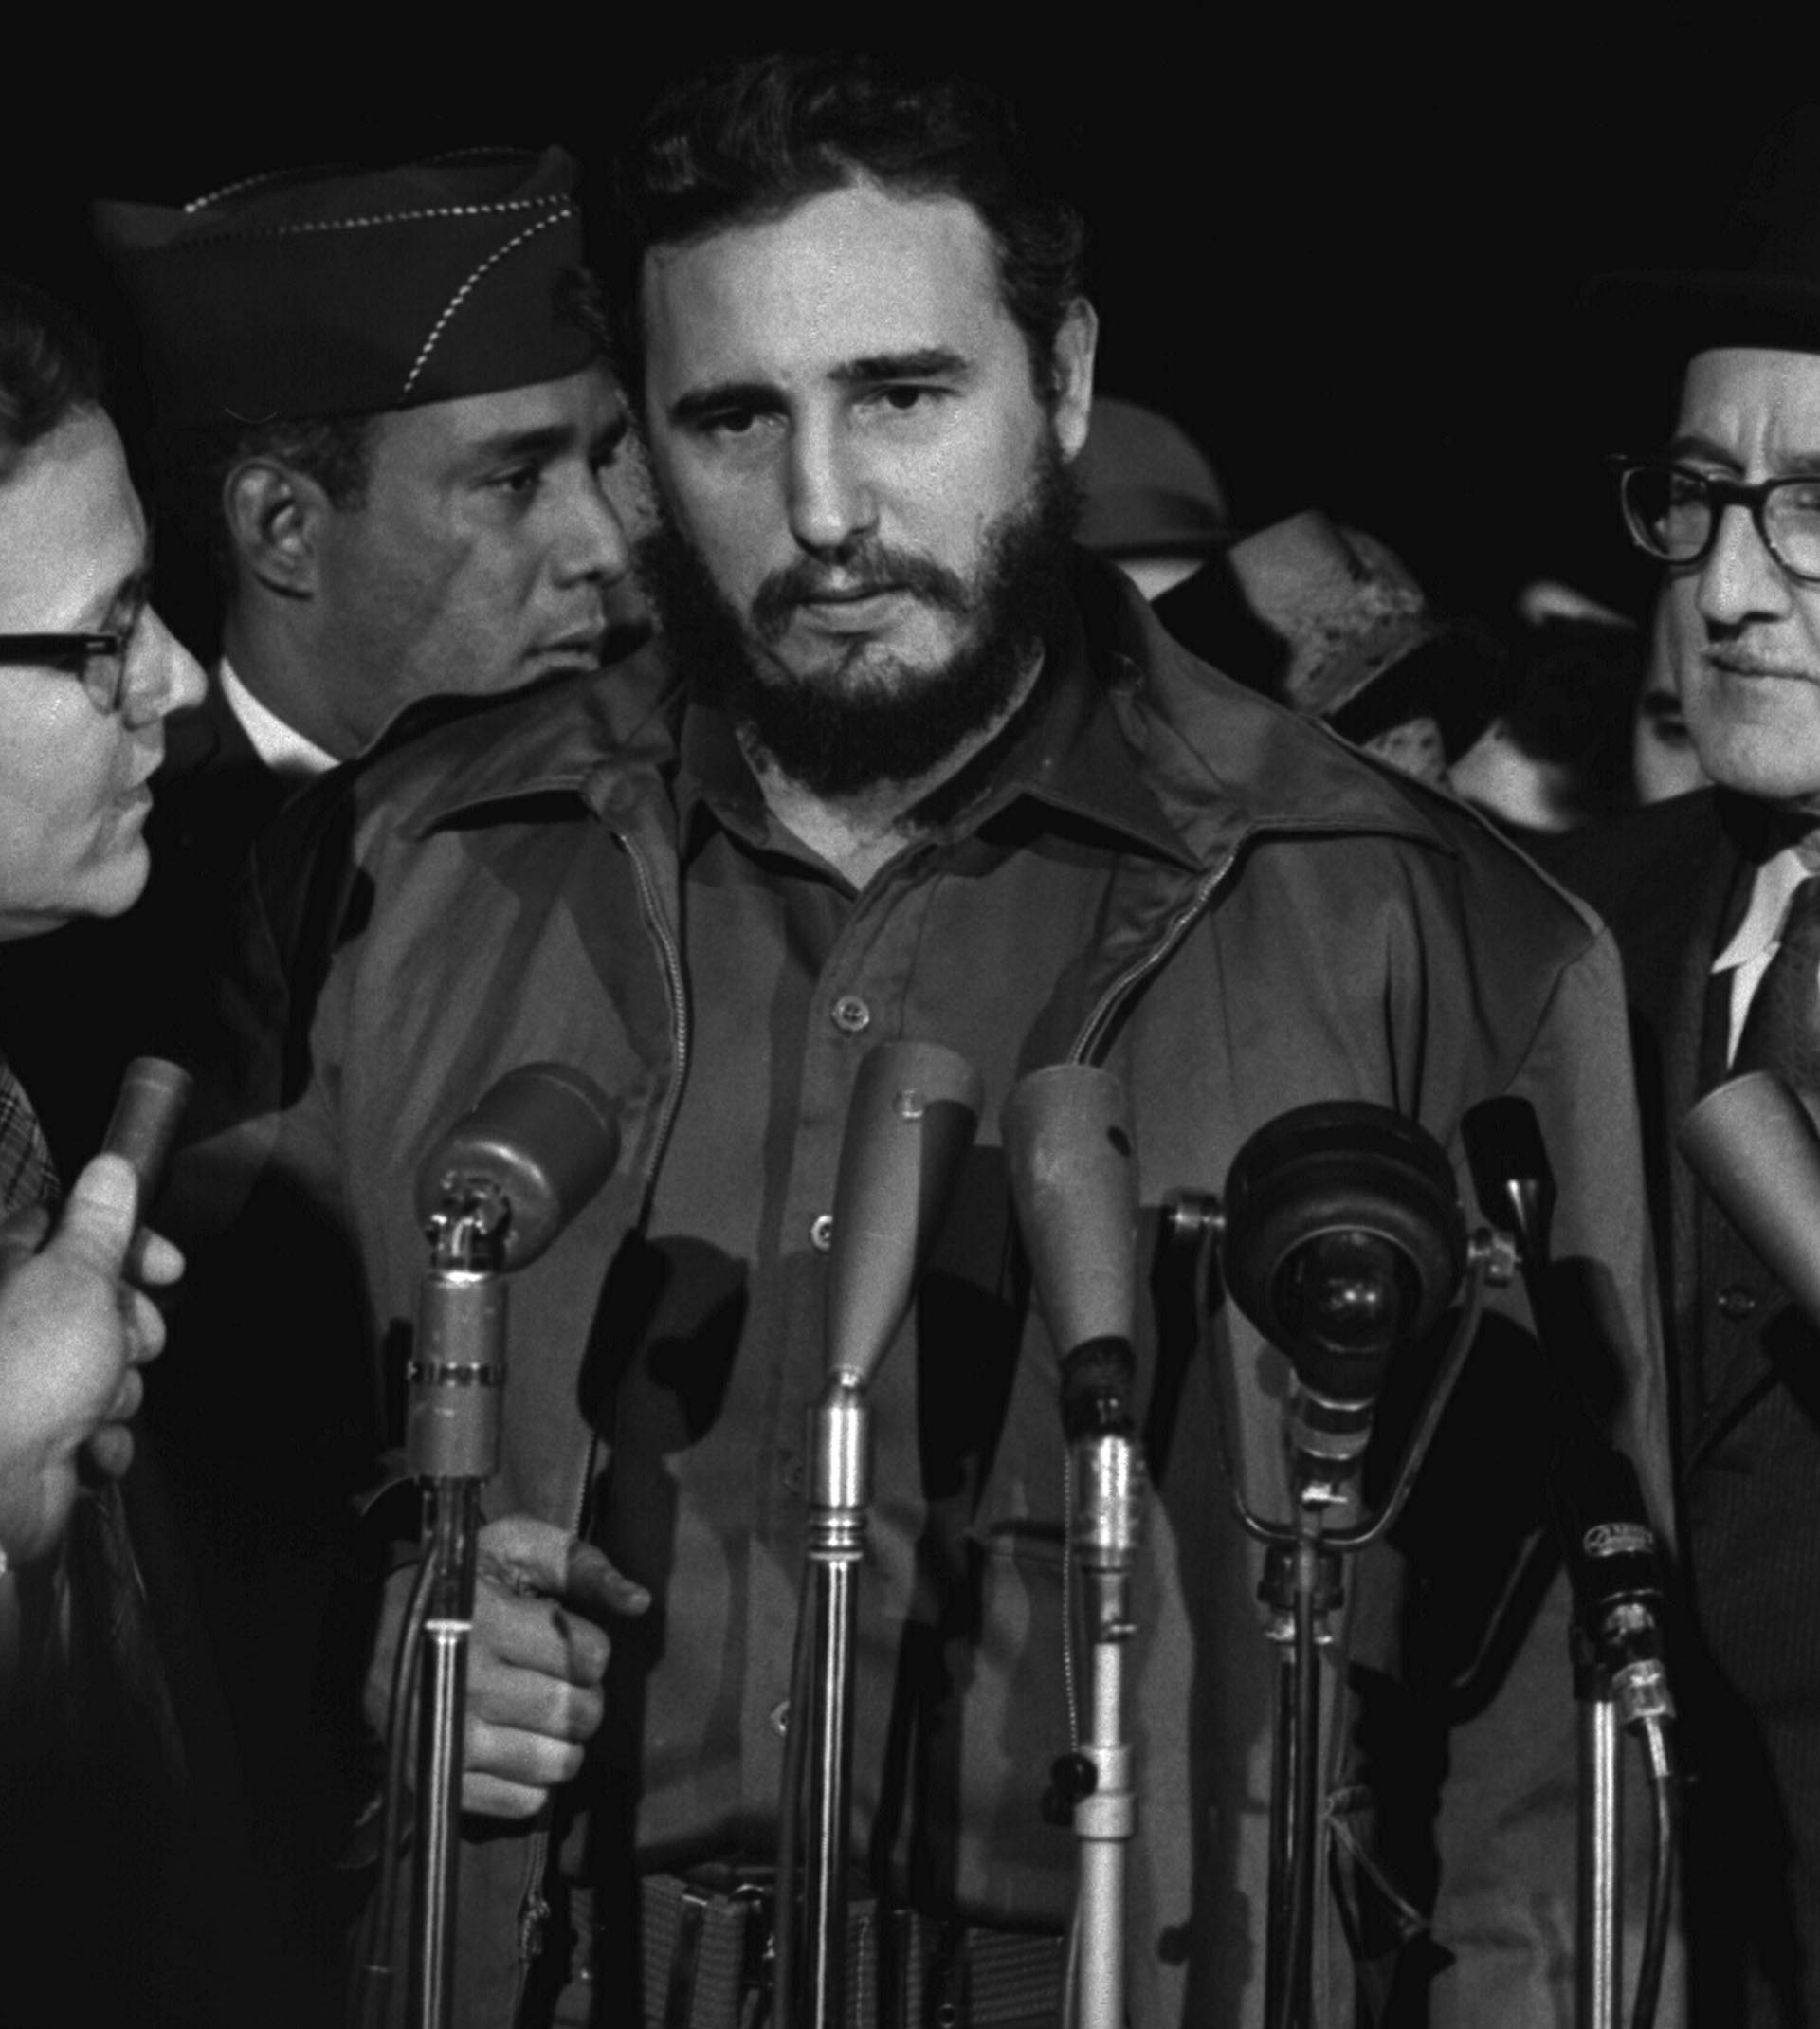 Fidel Castro, de visita en Washington, DC, el 17 de abril de 1959